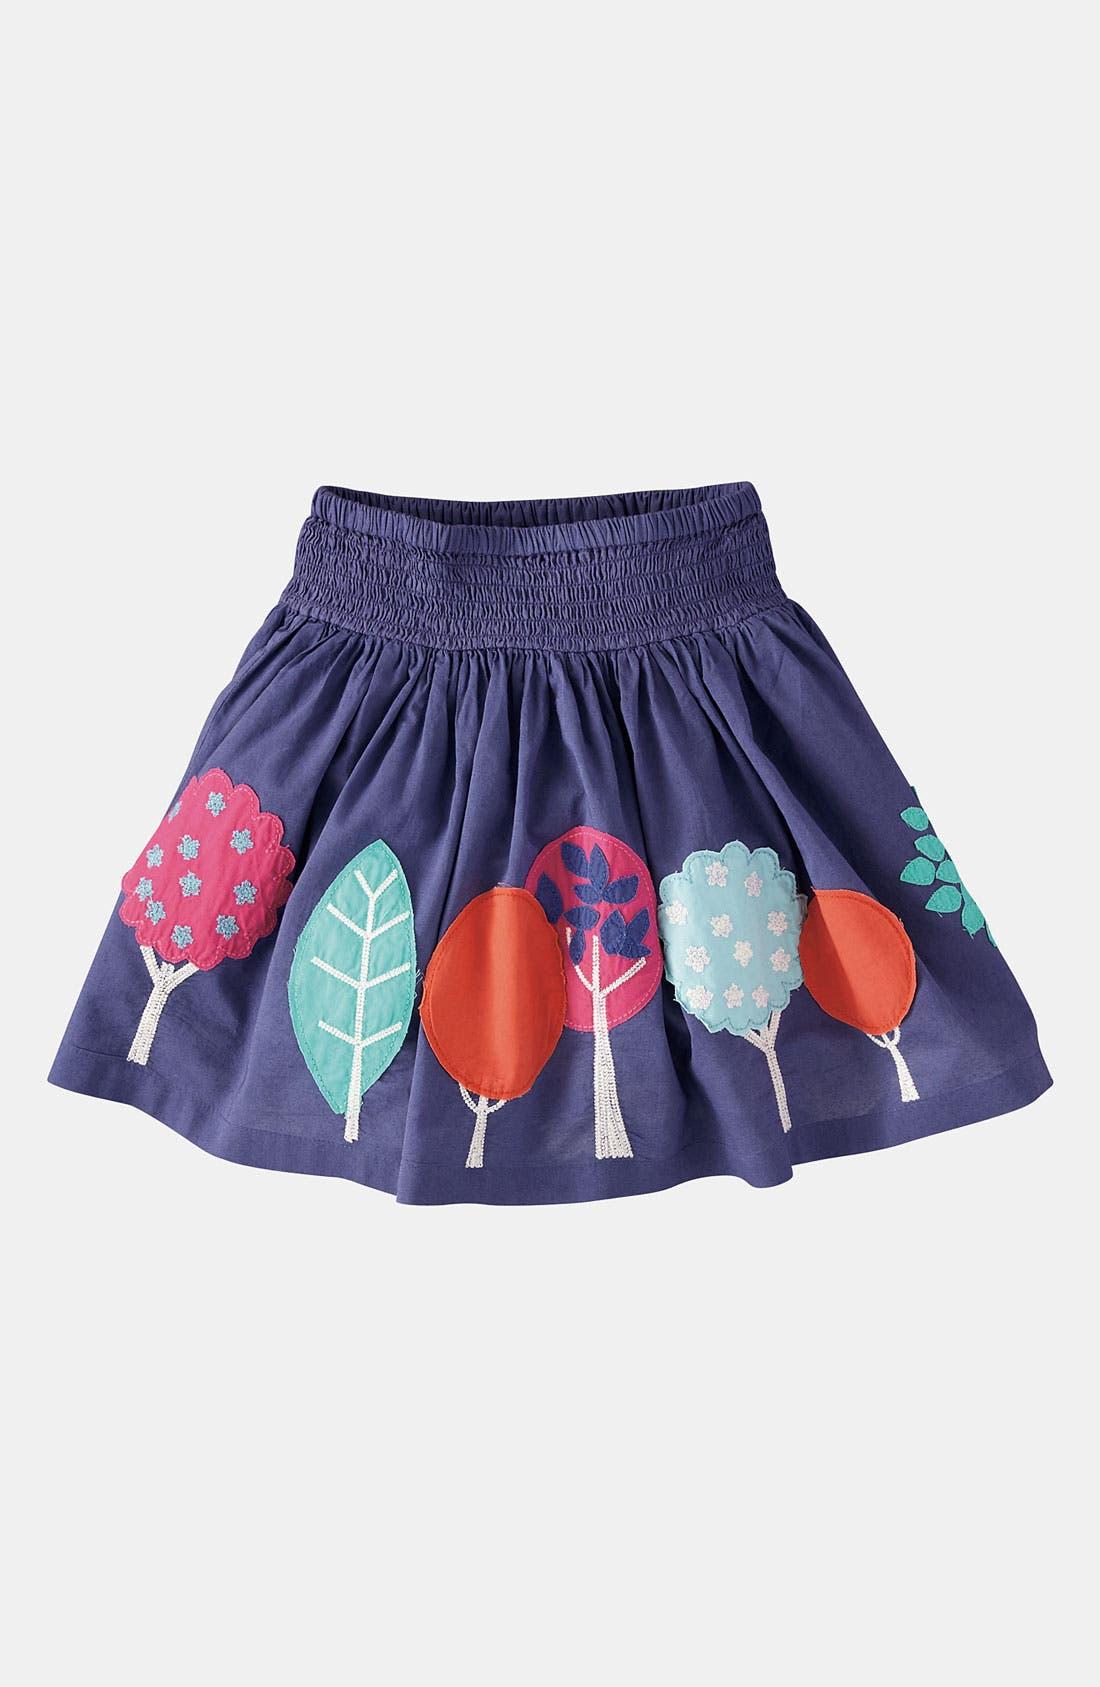 Alternate Image 1 Selected - Mini Boden Appliqué Skirt (Toddler)